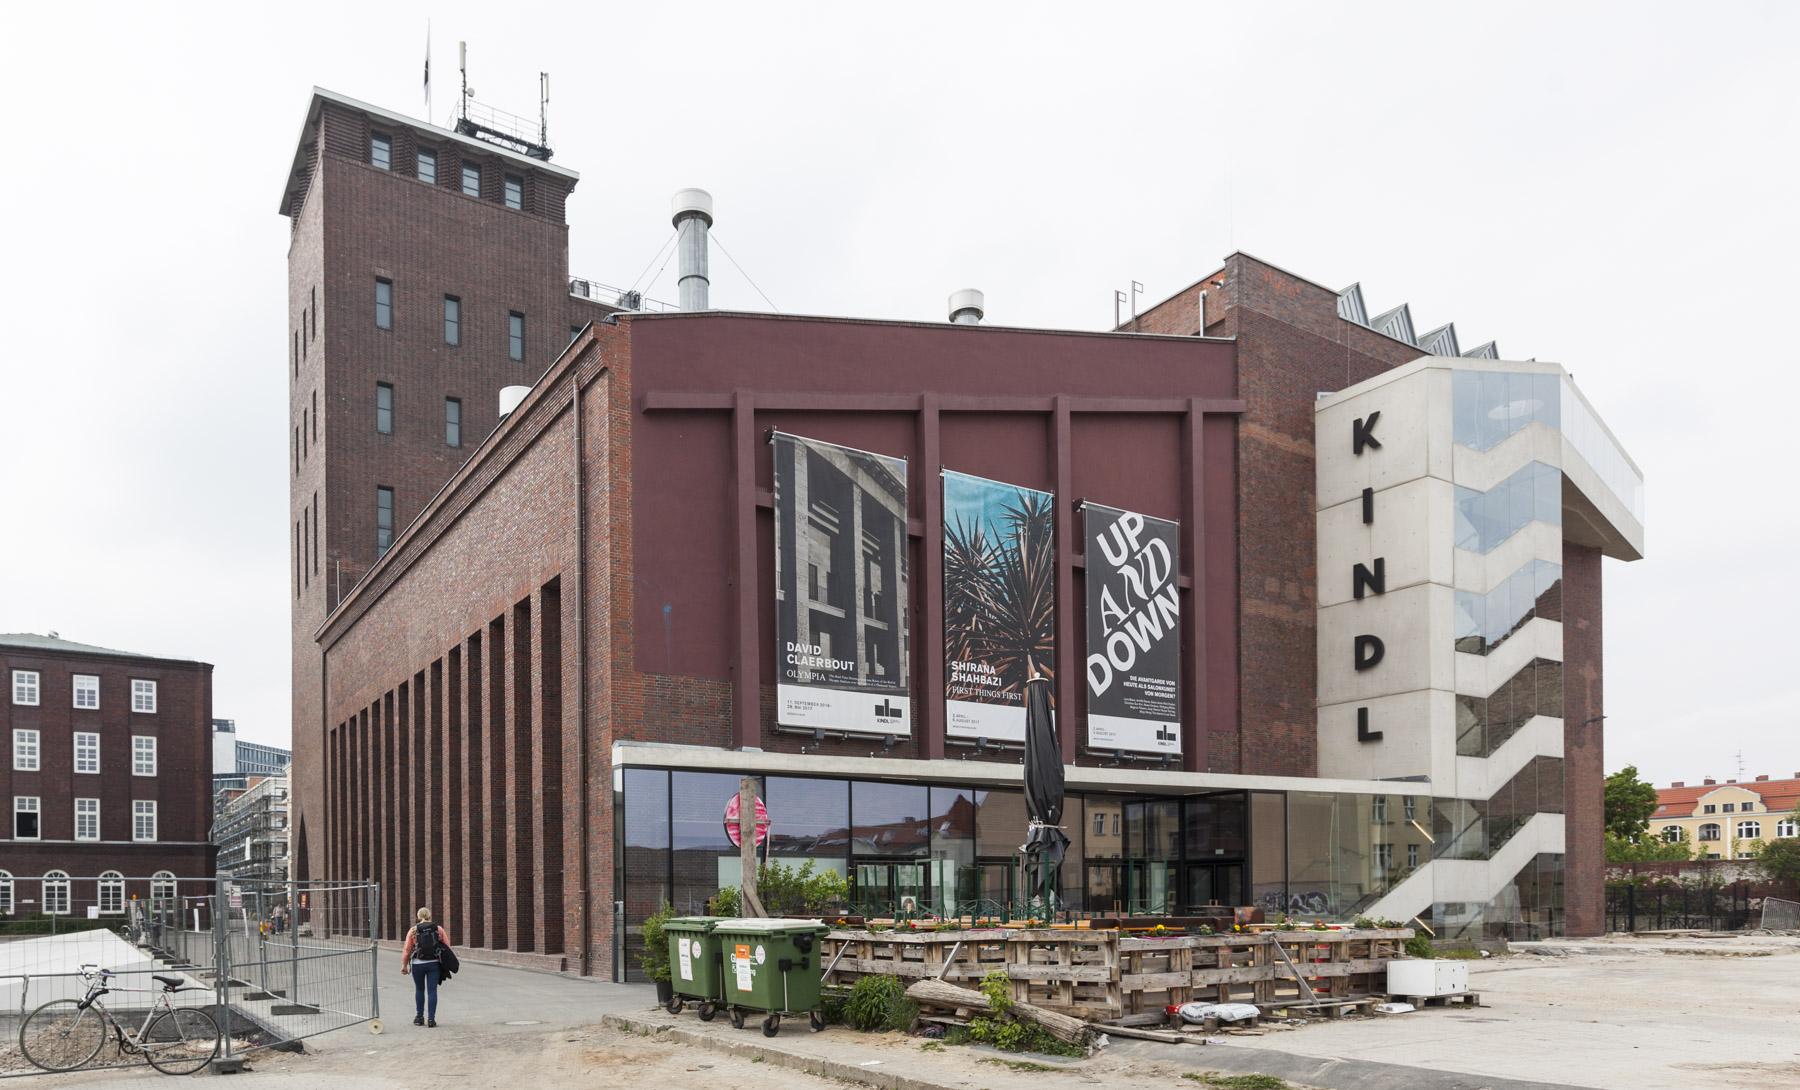 Aktion Karl Marx Straße | KINDL – Zentrum für zeitgenössische Kunst